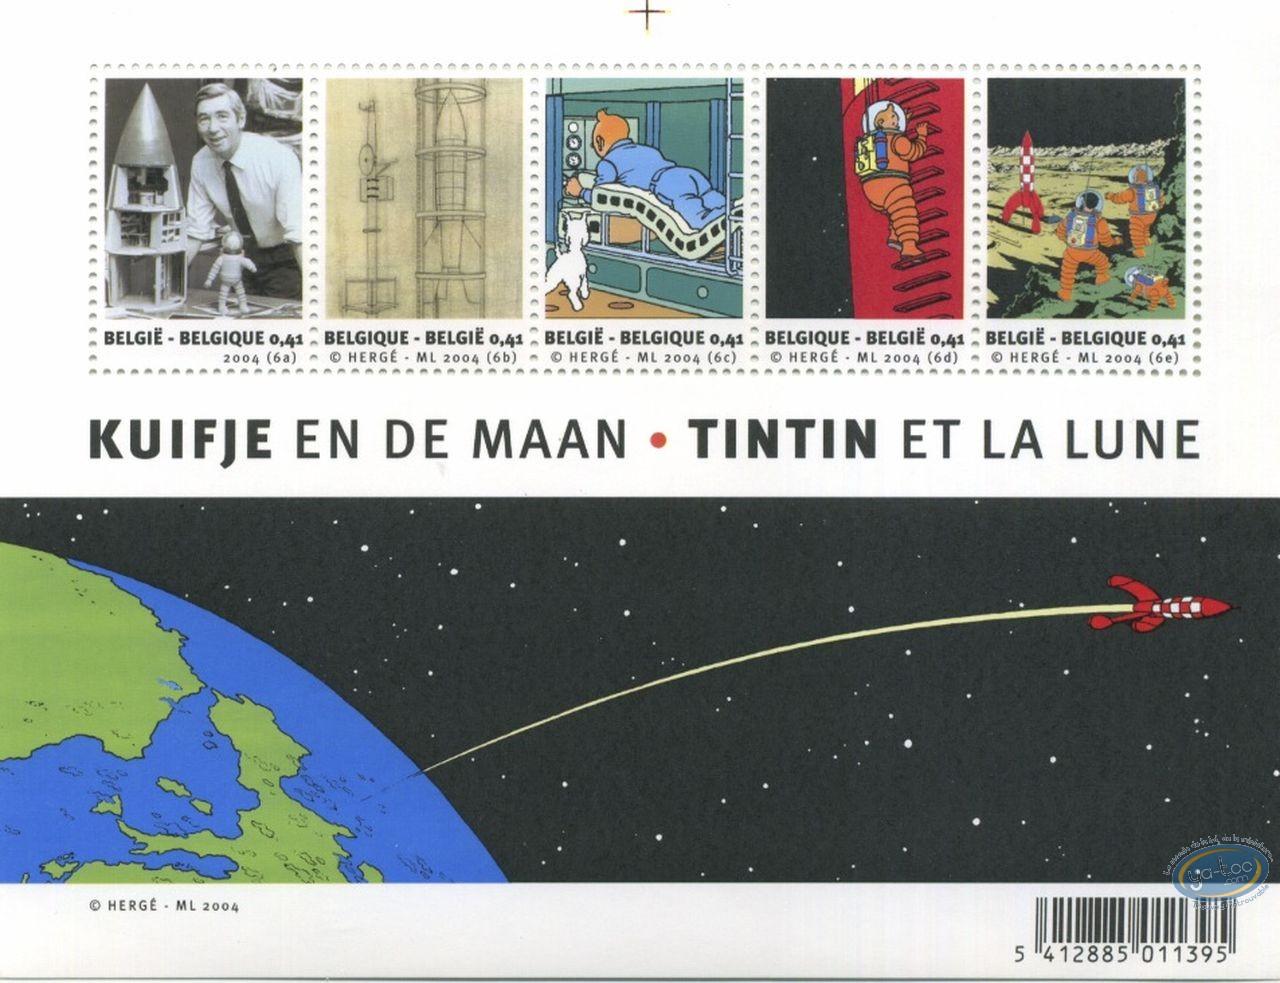 Timbre, Tintin : Planche de 5 timbres, Tintin